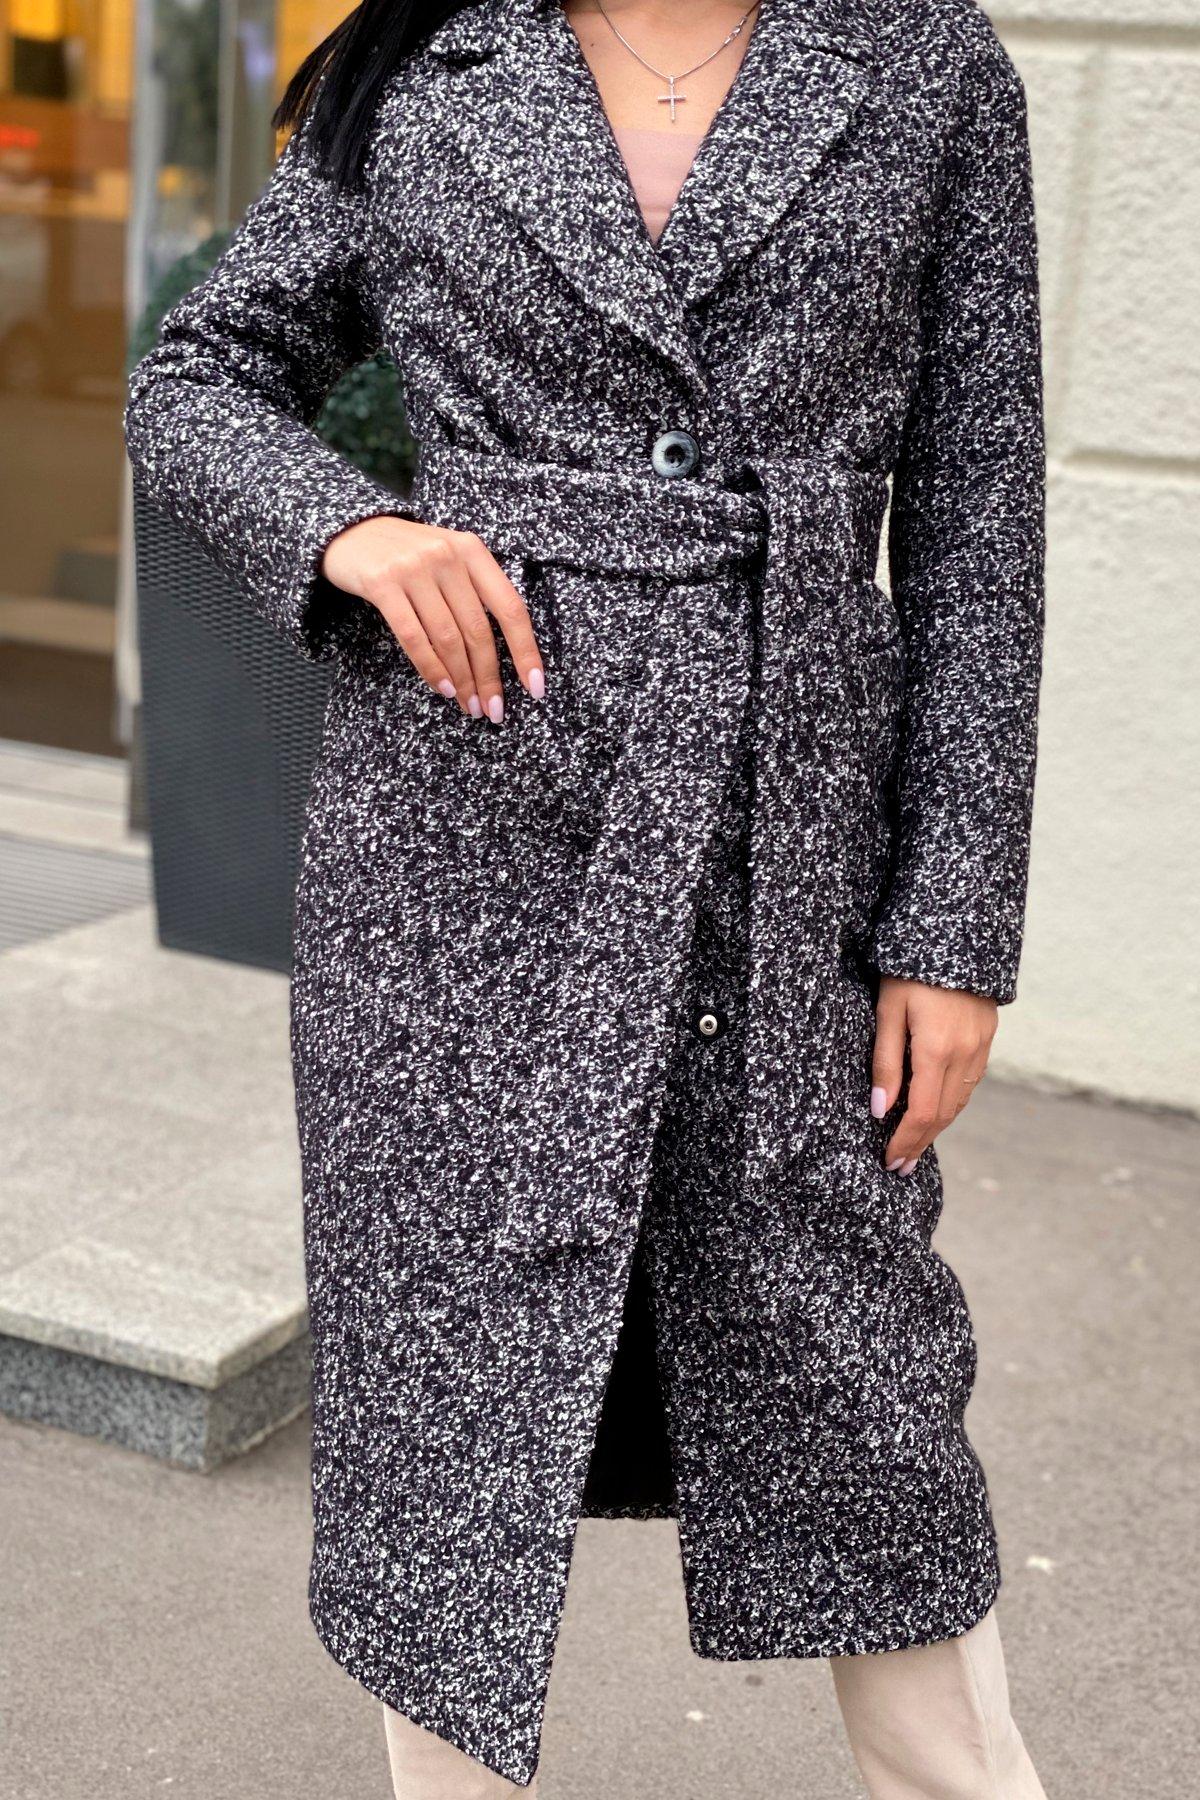 Теплое зимнее пальто буклированная шерсть Вива макси 8349 АРТ. 44517 Цвет: Черный/серый 61 - фото 1, интернет магазин tm-modus.ru